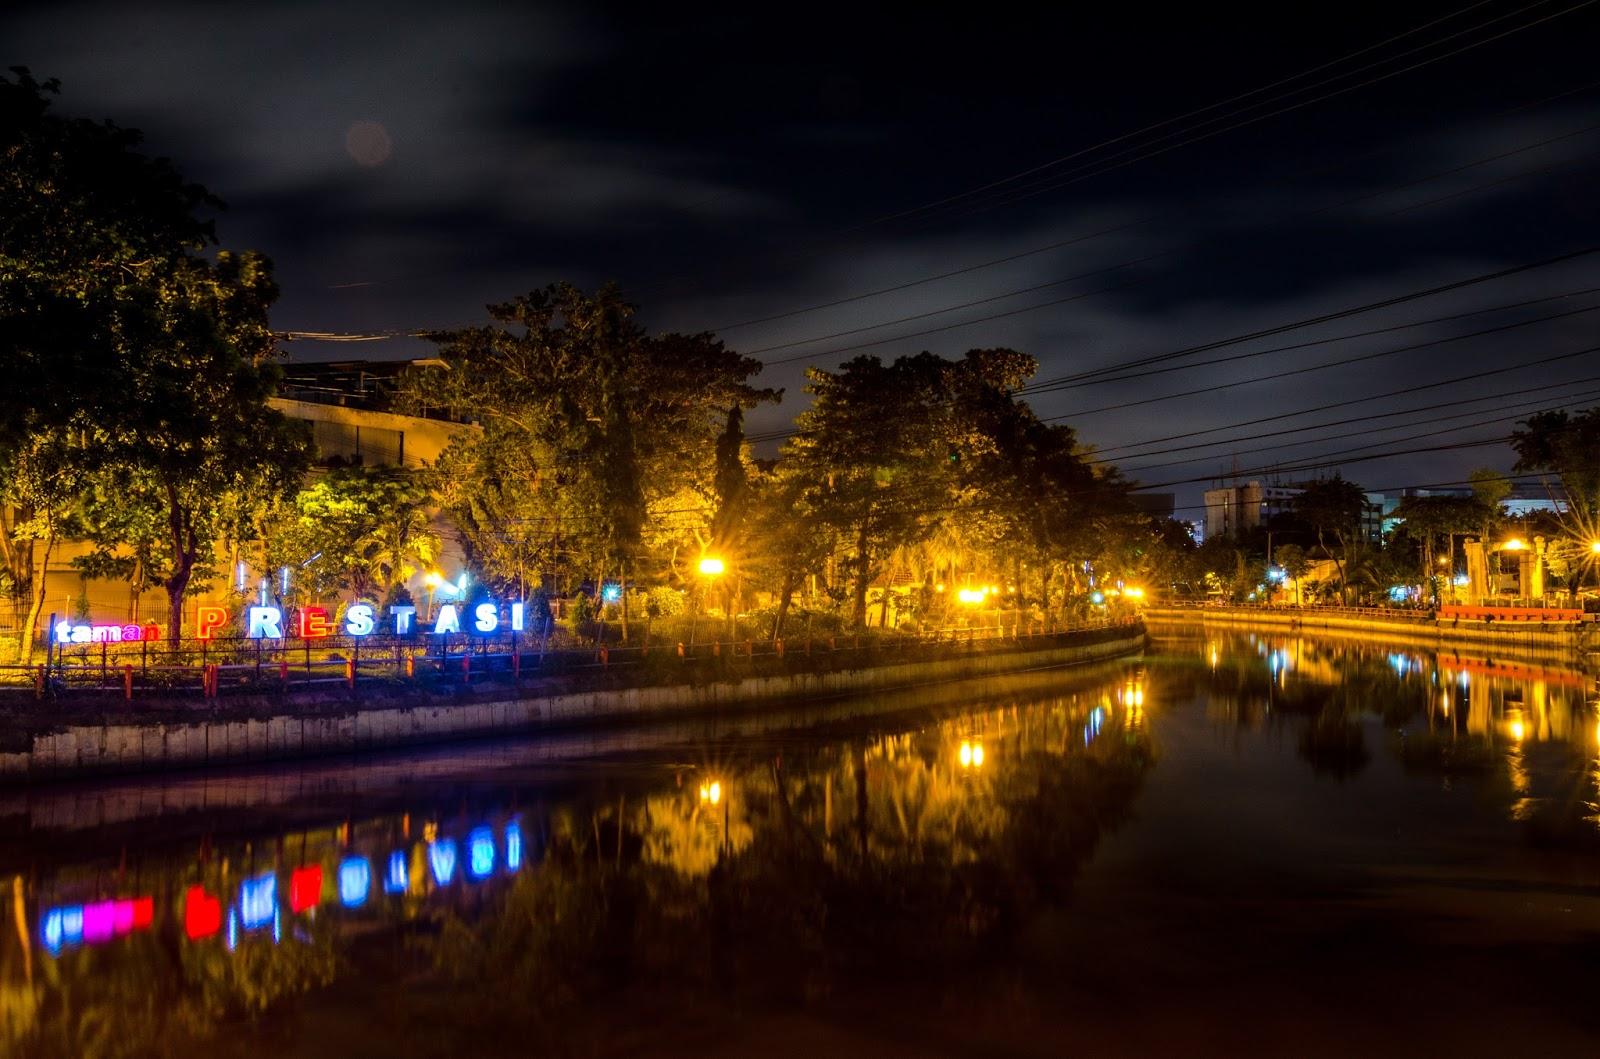 Taman Surabaya Mengunjungi Datang Pagi Hari Sore Malam Tidak Bisa